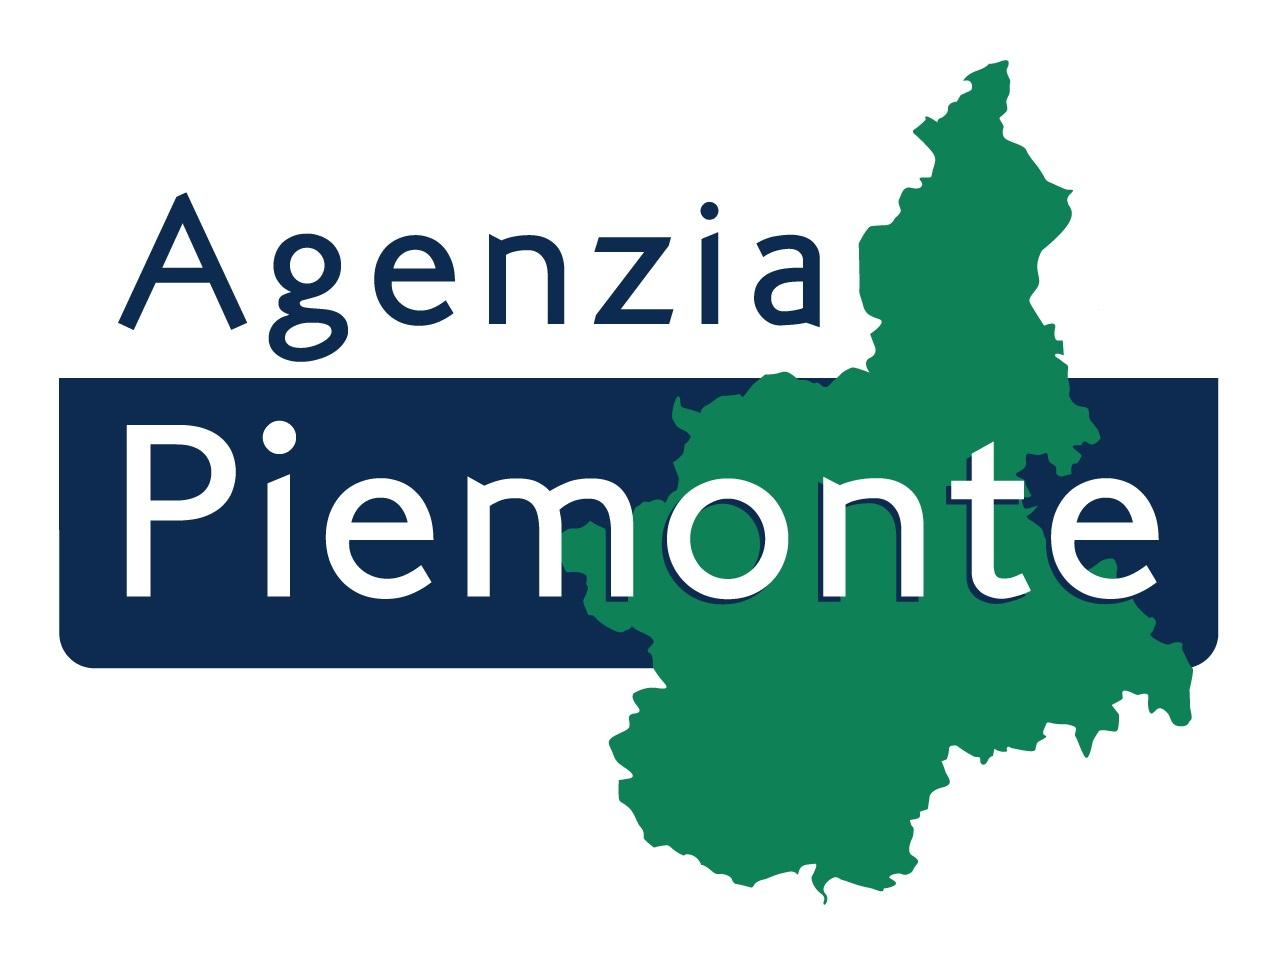 Agenzia Piemonte